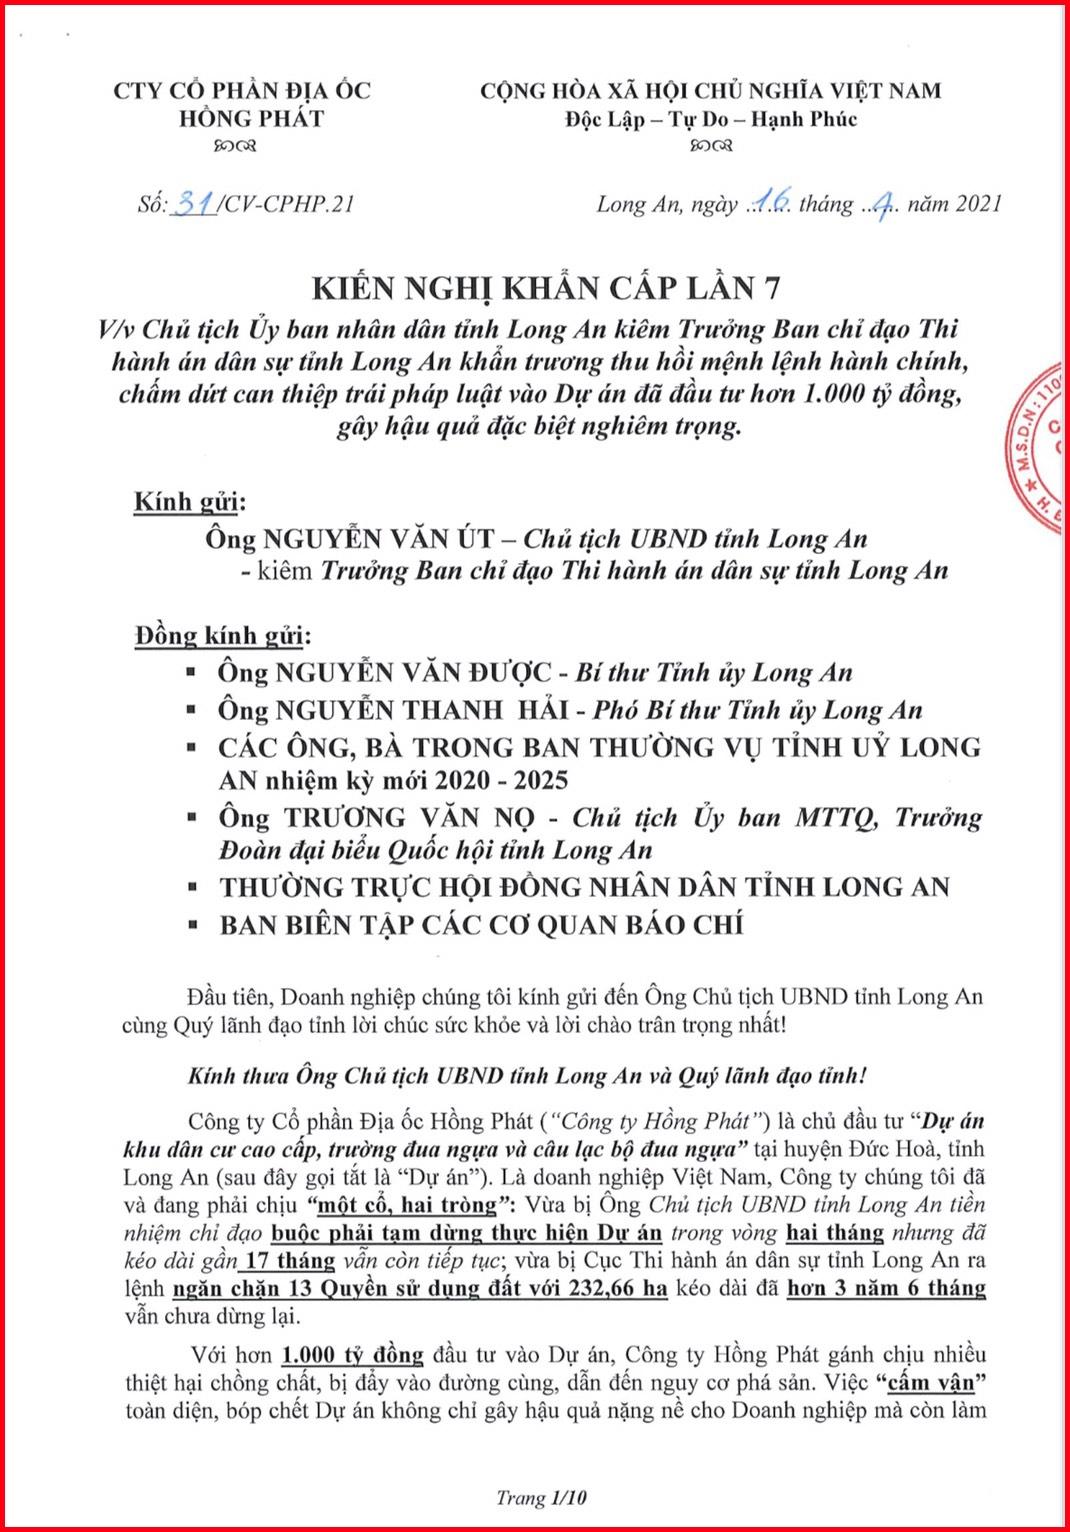 Phó Thủ tướng Thường trực Trương Hoà Bình chỉ đạo các bộ, ngành xem xét, giải quyết kiến nghị của Công ty Hồng Phát